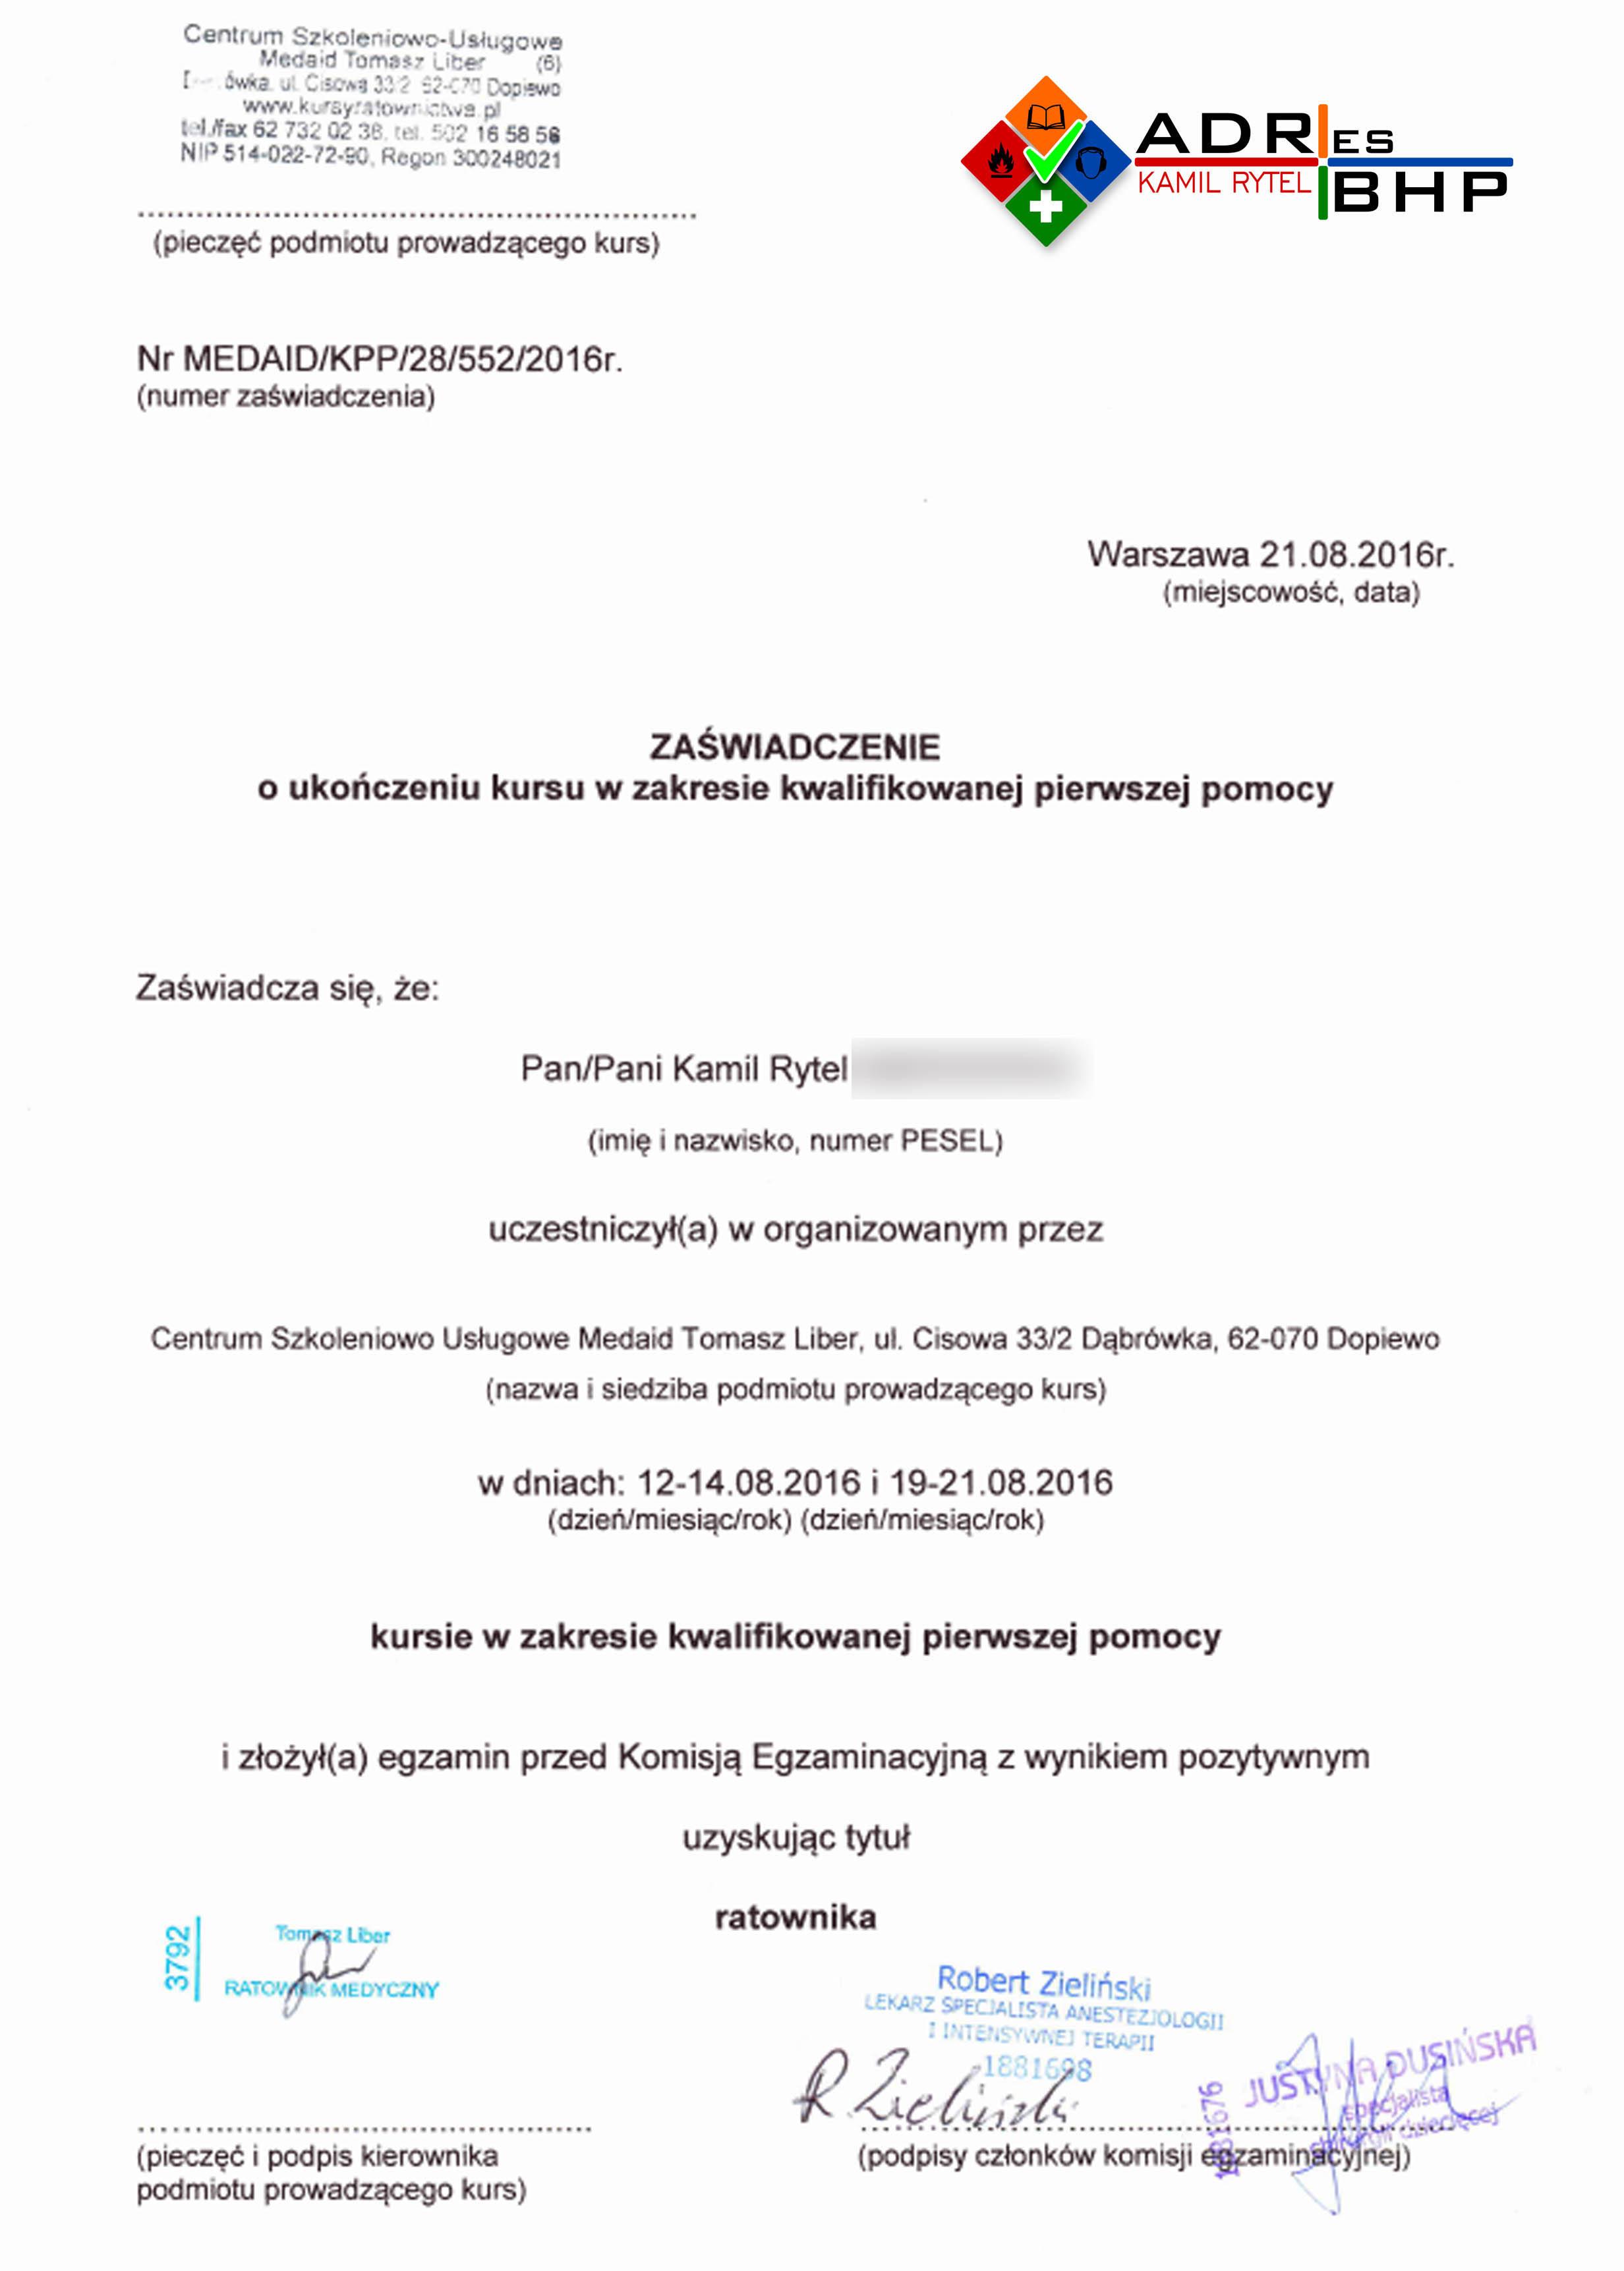 Uprawnienia Zaświadczenia I Certyfikaty Adresbhp